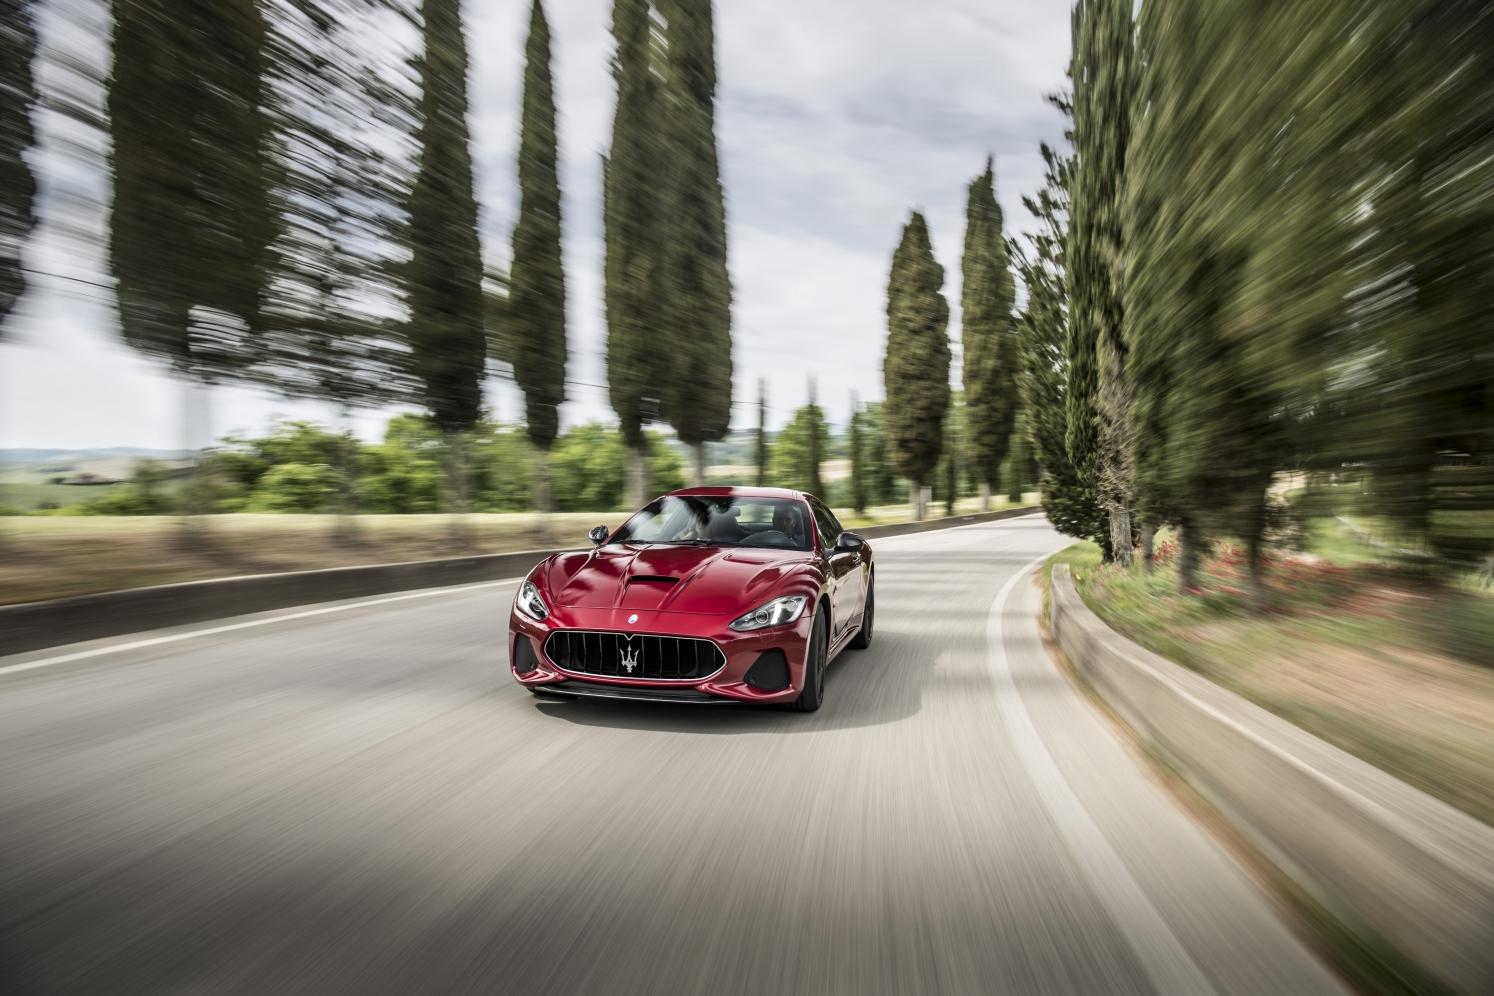 Die Maserati-'Haifischnase' weckt nun einen dreidimensionalen Eindruck.